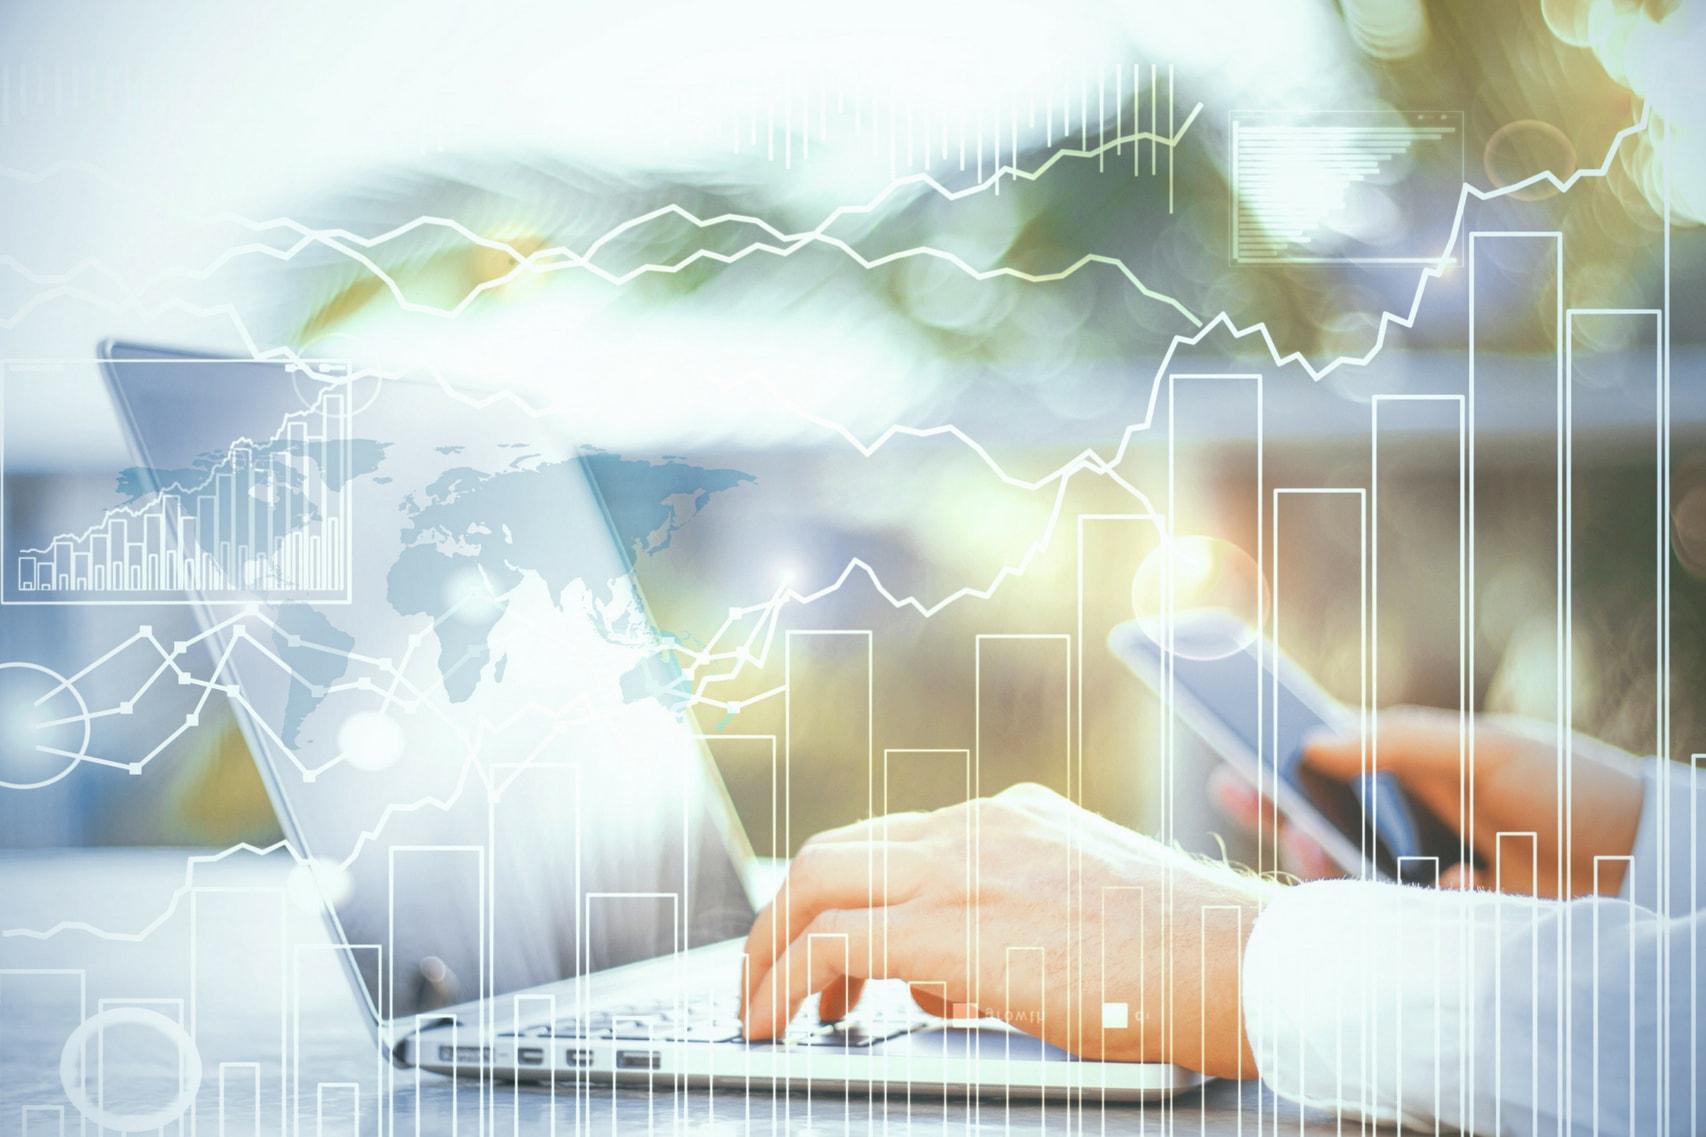 Global CTB trading platform